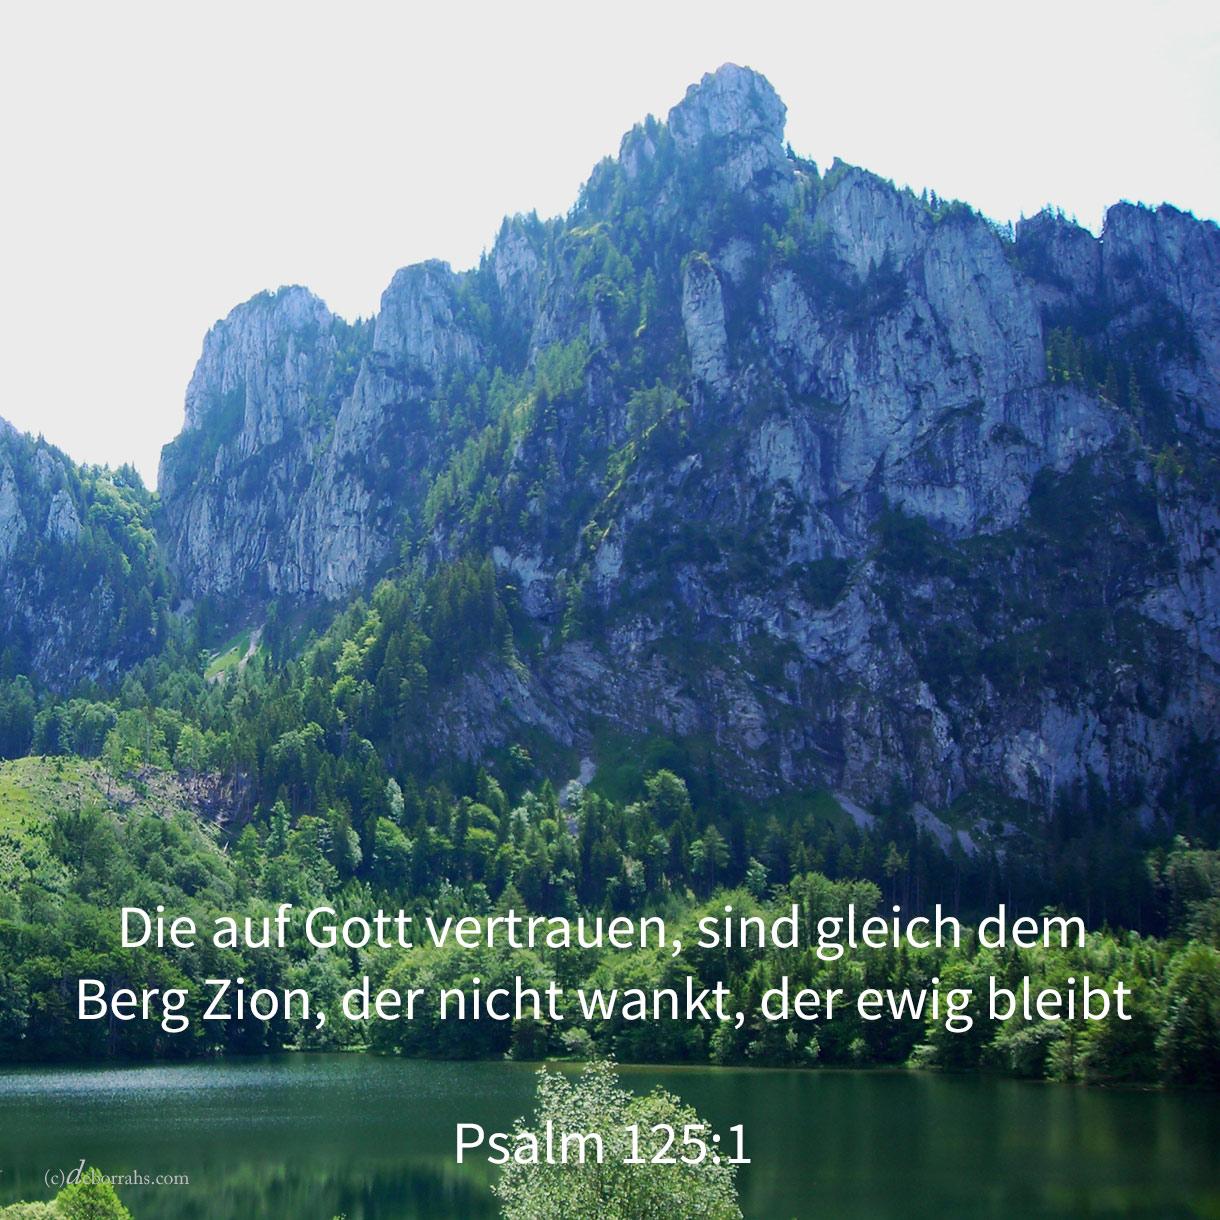 Die auf jehova vertrauen, sind gleich dem Berge Zion, der nicht wankt, der ewiglich bleibt ( Psalm 125,1 )